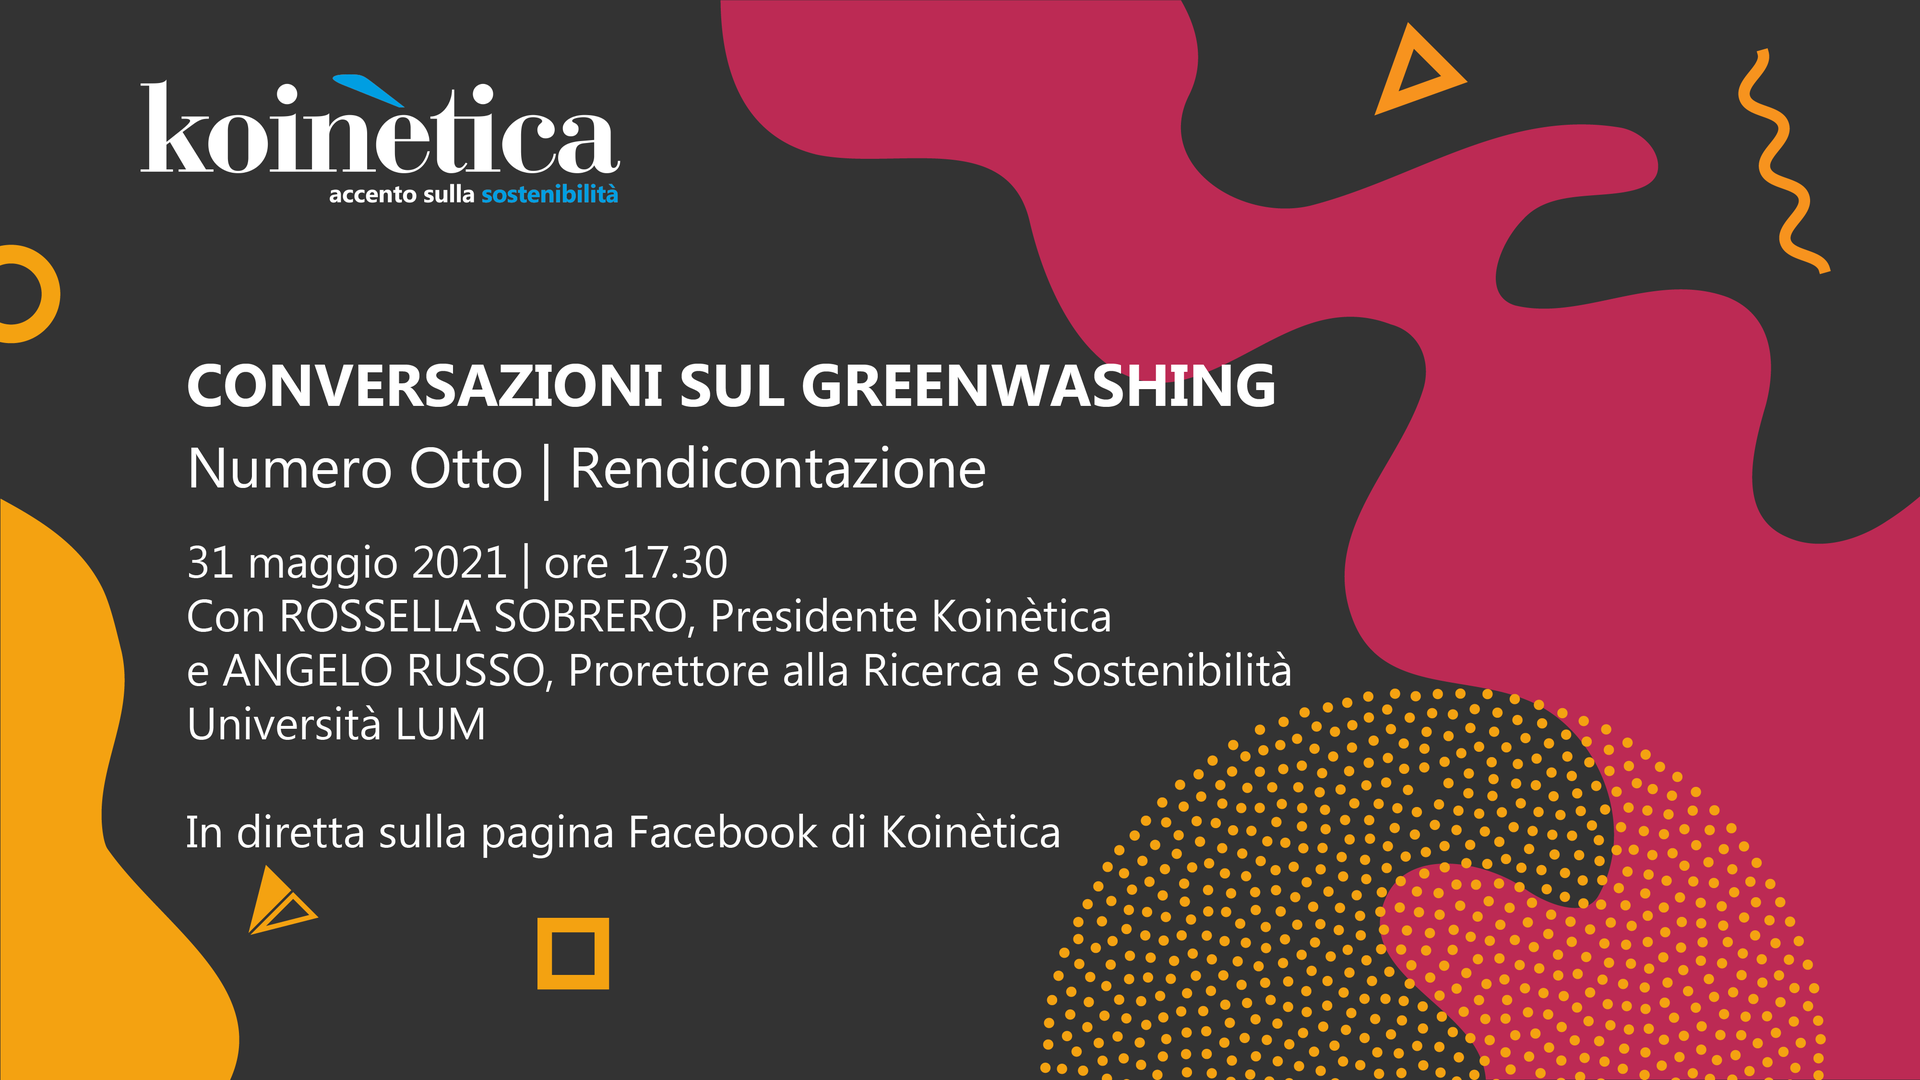 CONVERSAZIONI SUL GREENWASHING - Focus rendicontazione -31 maggio 2021 - ore 17.30